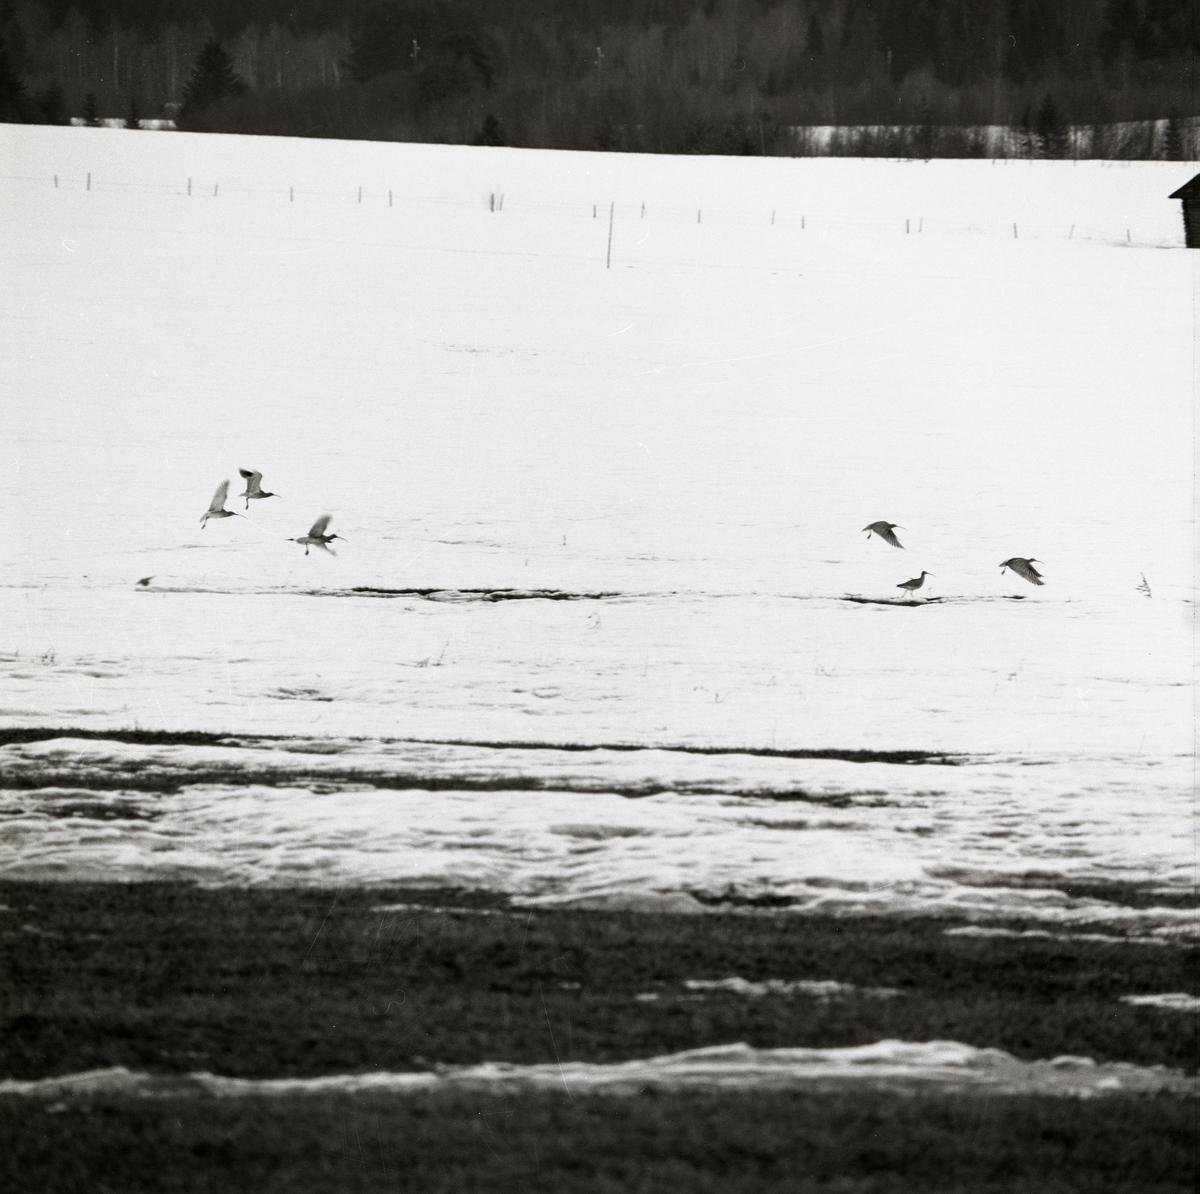 Några fåglar flyger över snötäckt mark.